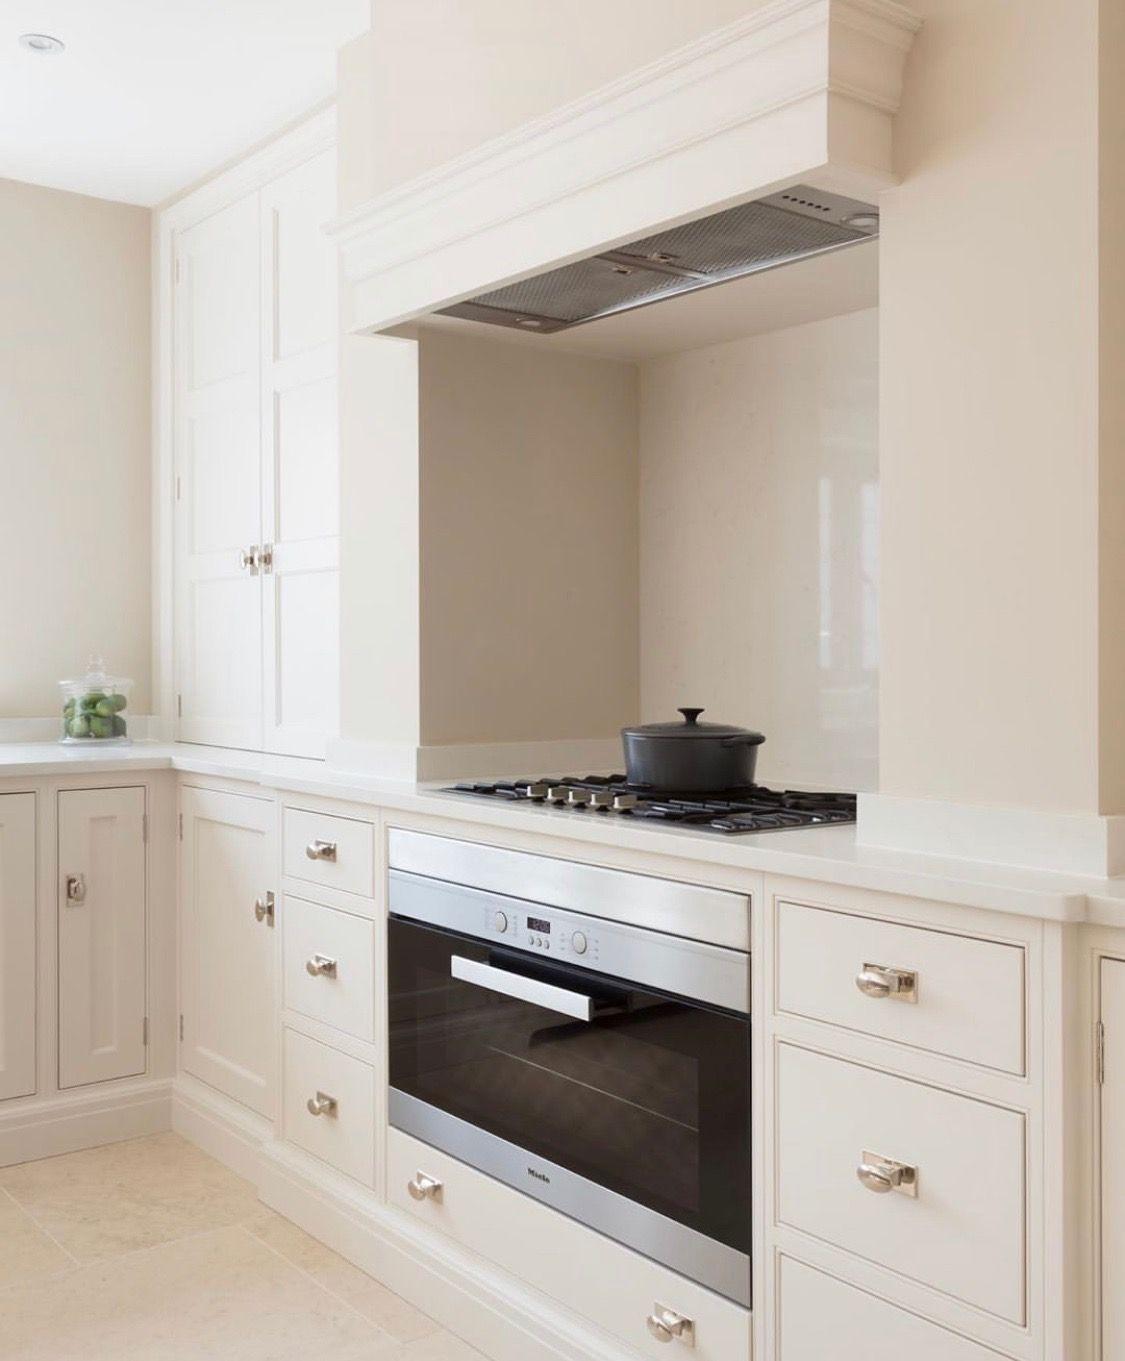 Humphrey Munson | Miele kitchen appliances, Miele kitchen ...